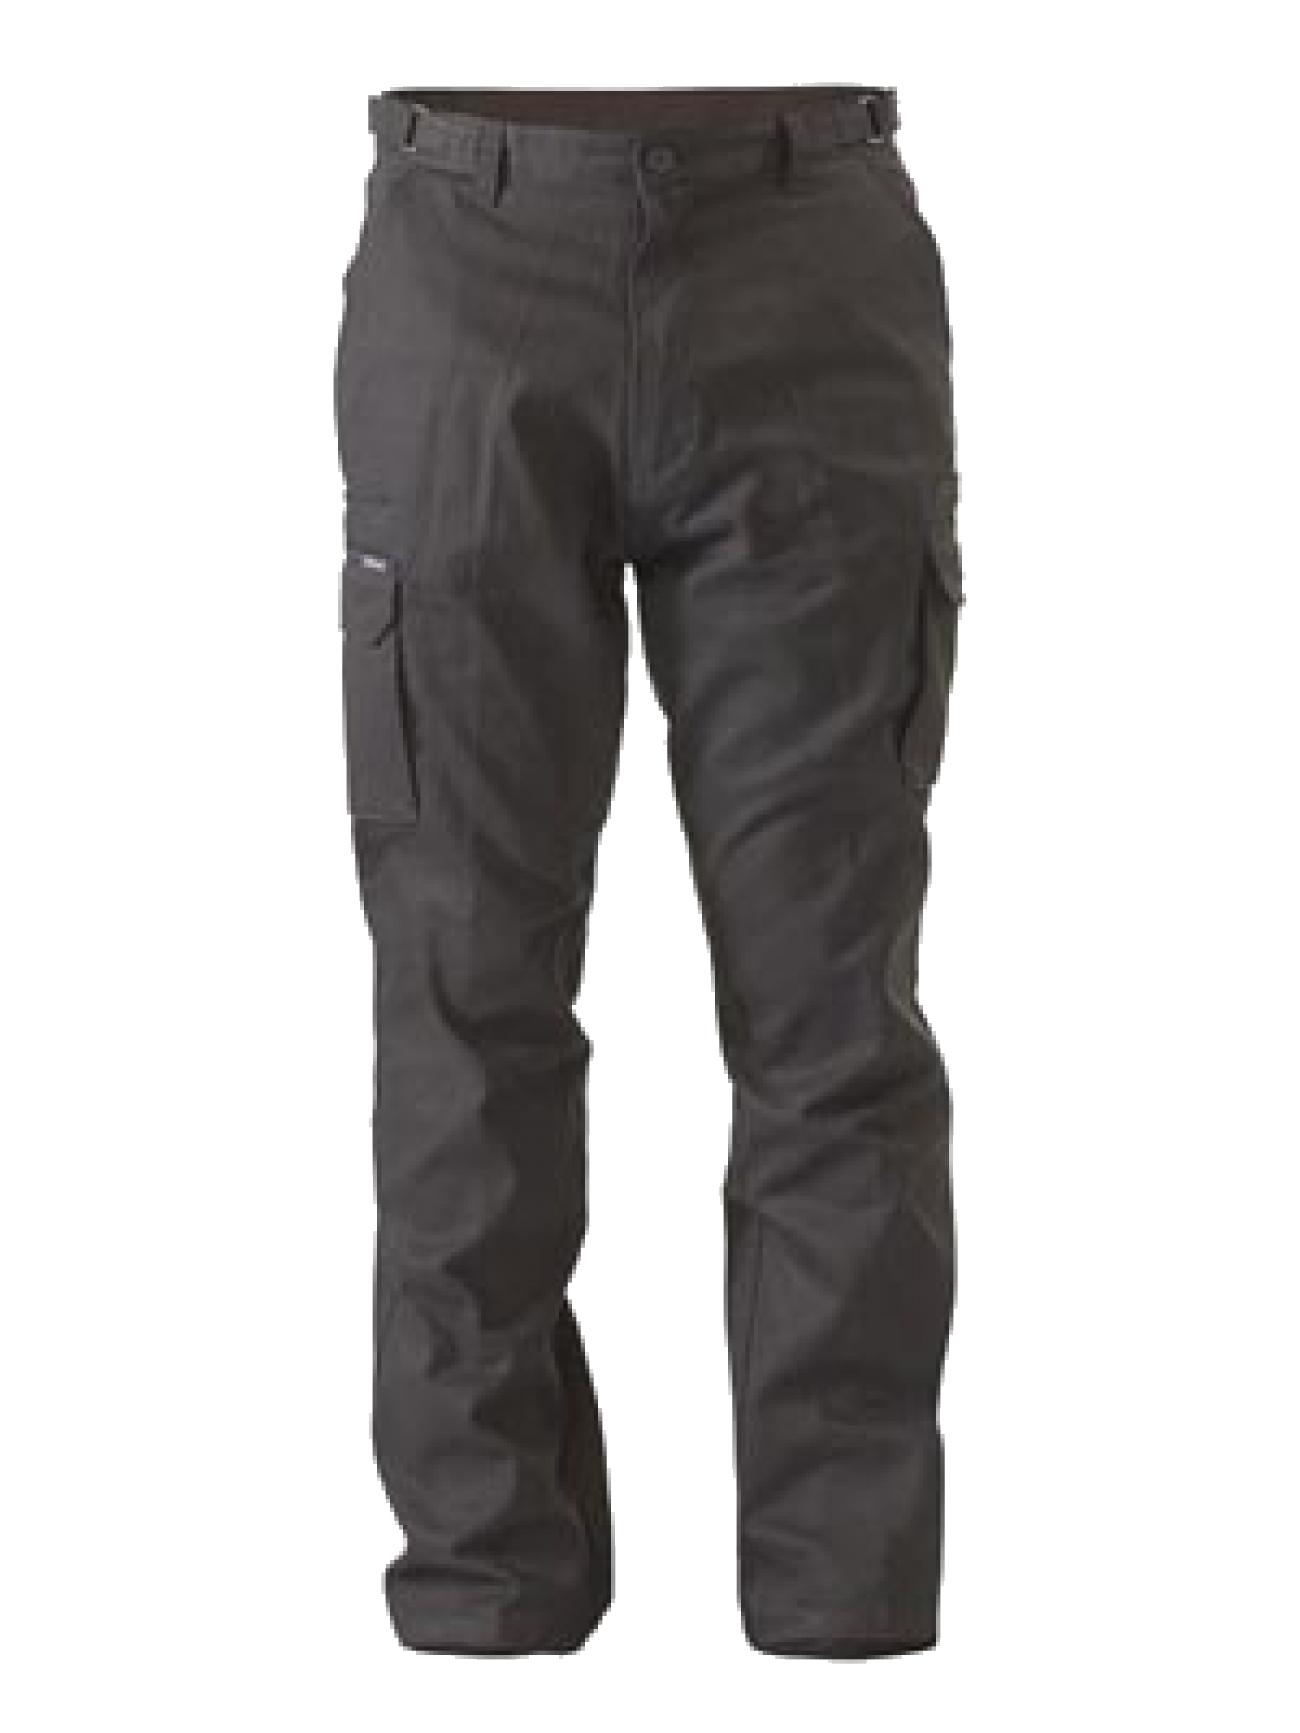 Cargo pant png transparent. Jeans clipart denim